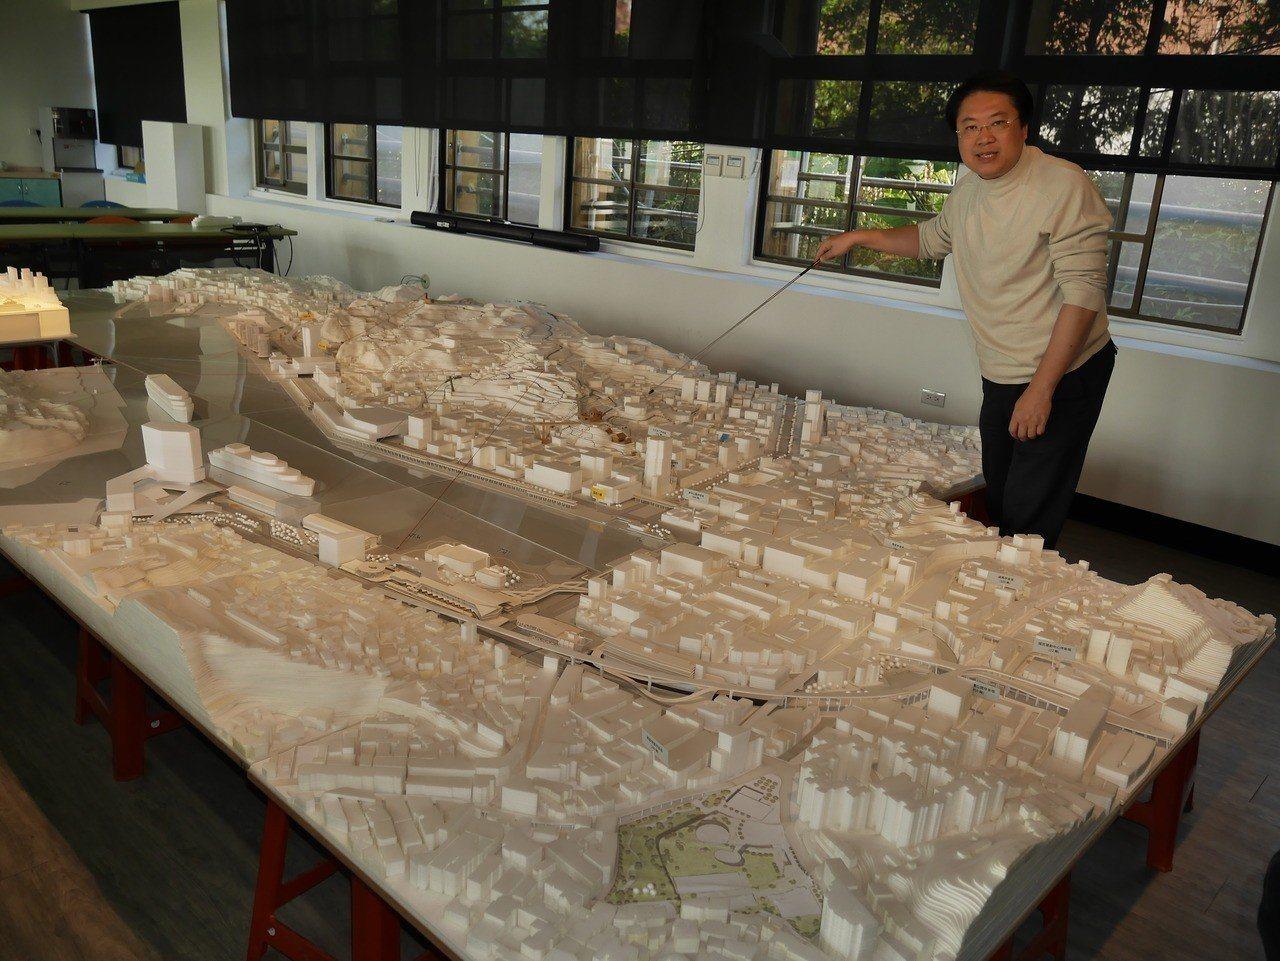 基隆市政府將原太平國小打造為「設計與建築者之家」,明天有「基隆想像展」開展,邀請...